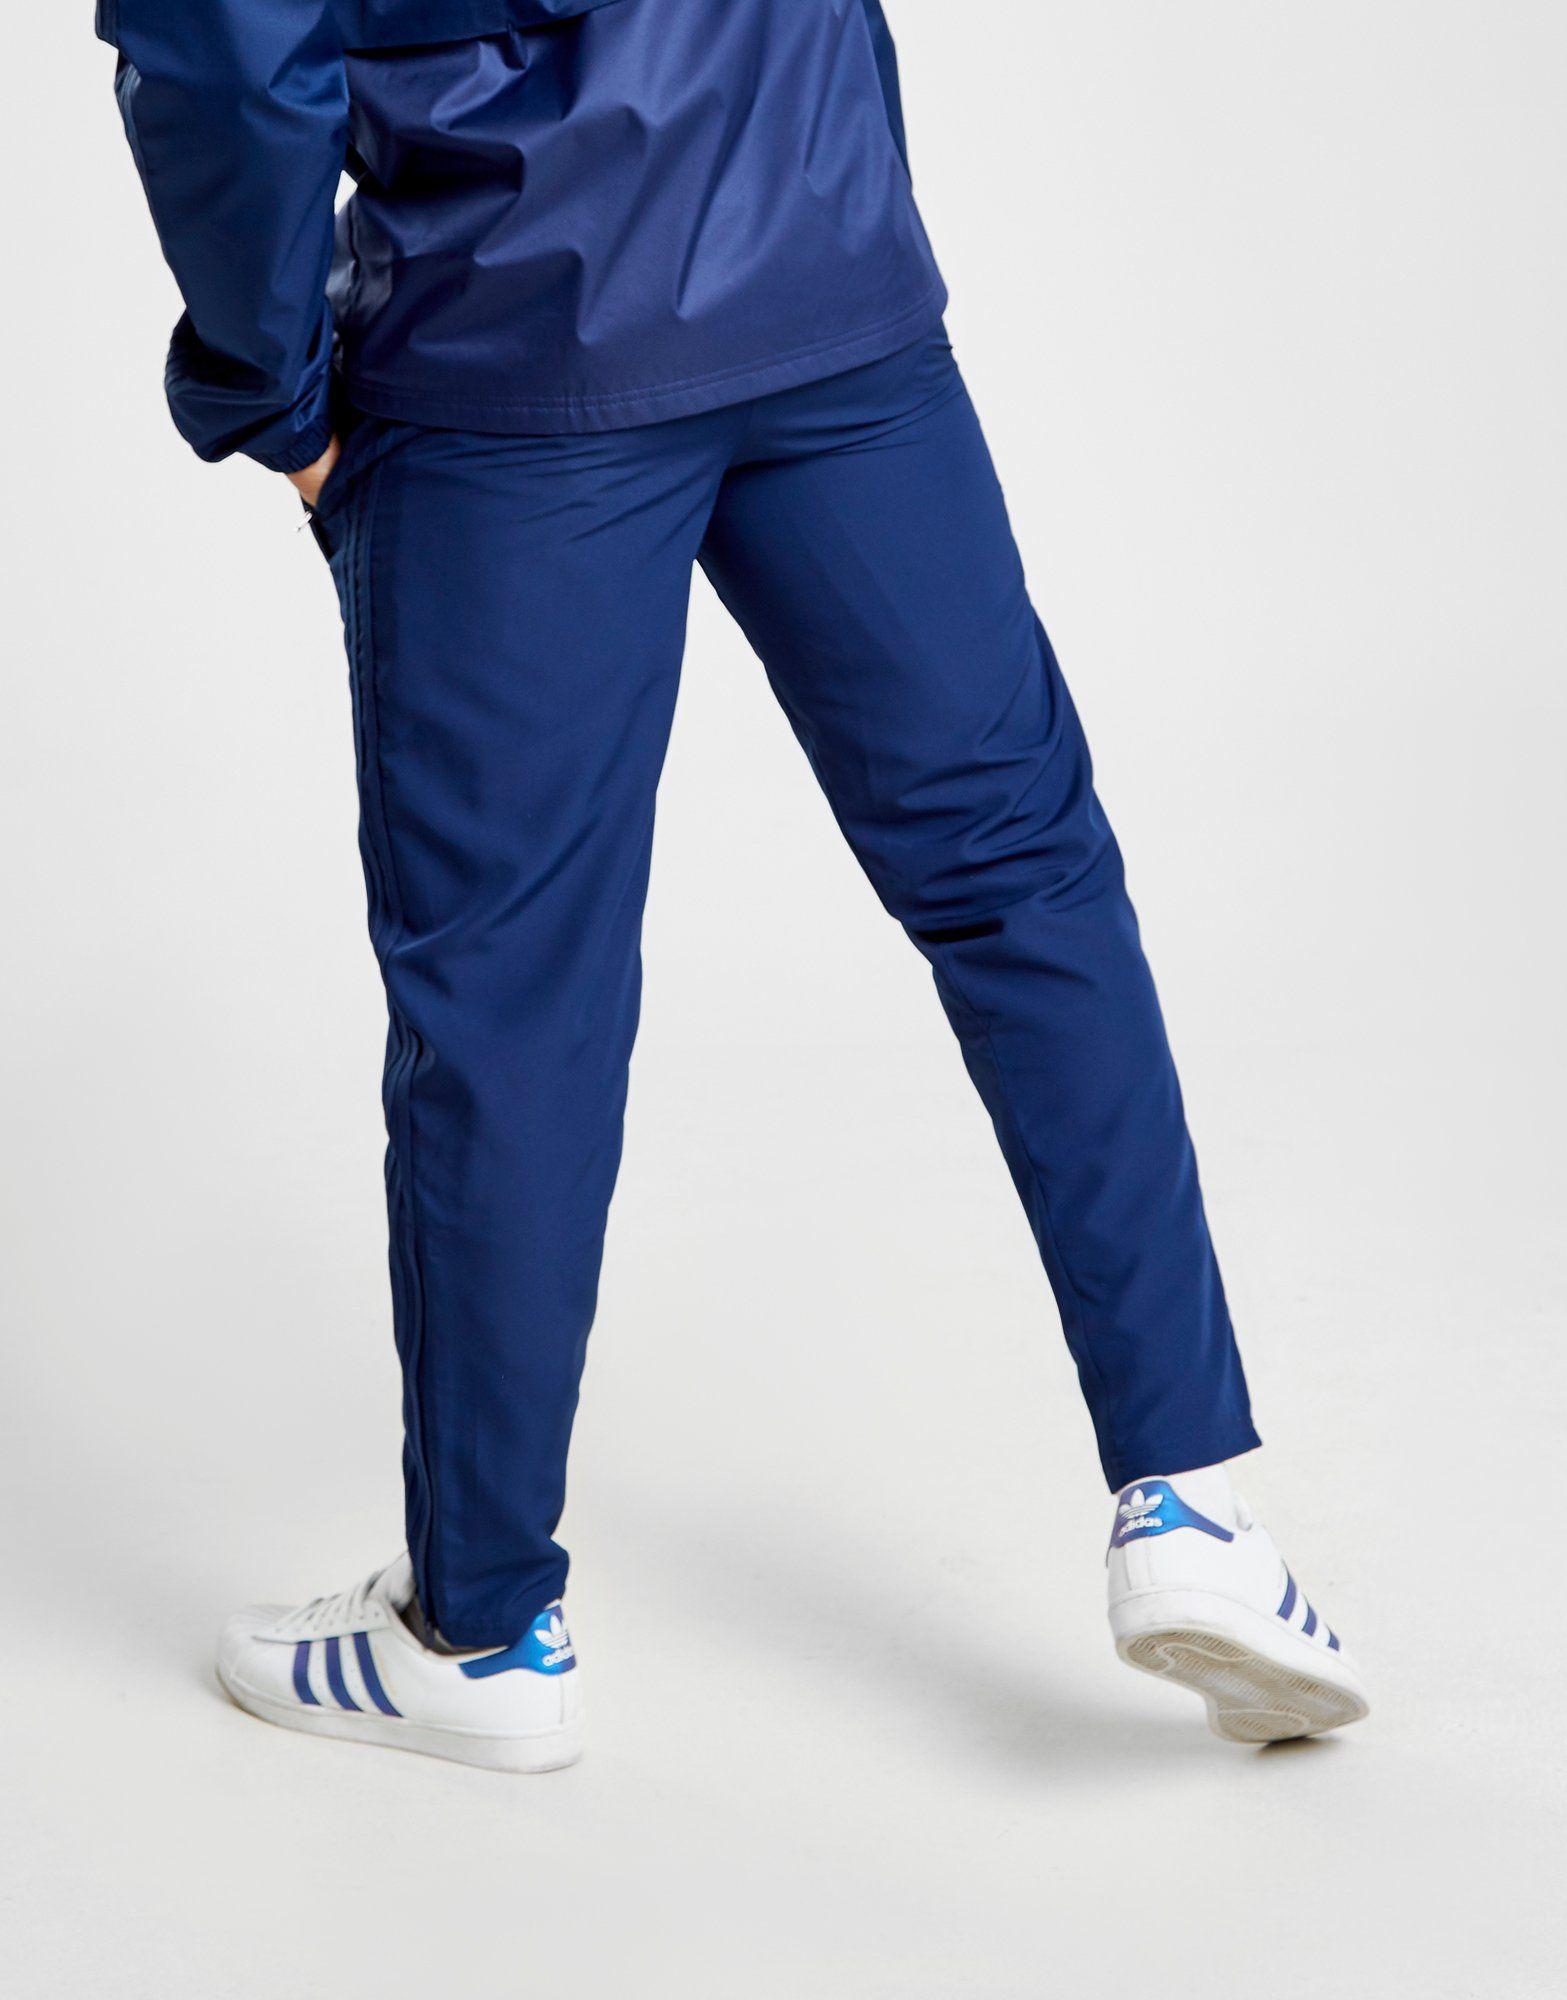 adidas Northern Ireland 2018/19 Woven Pants